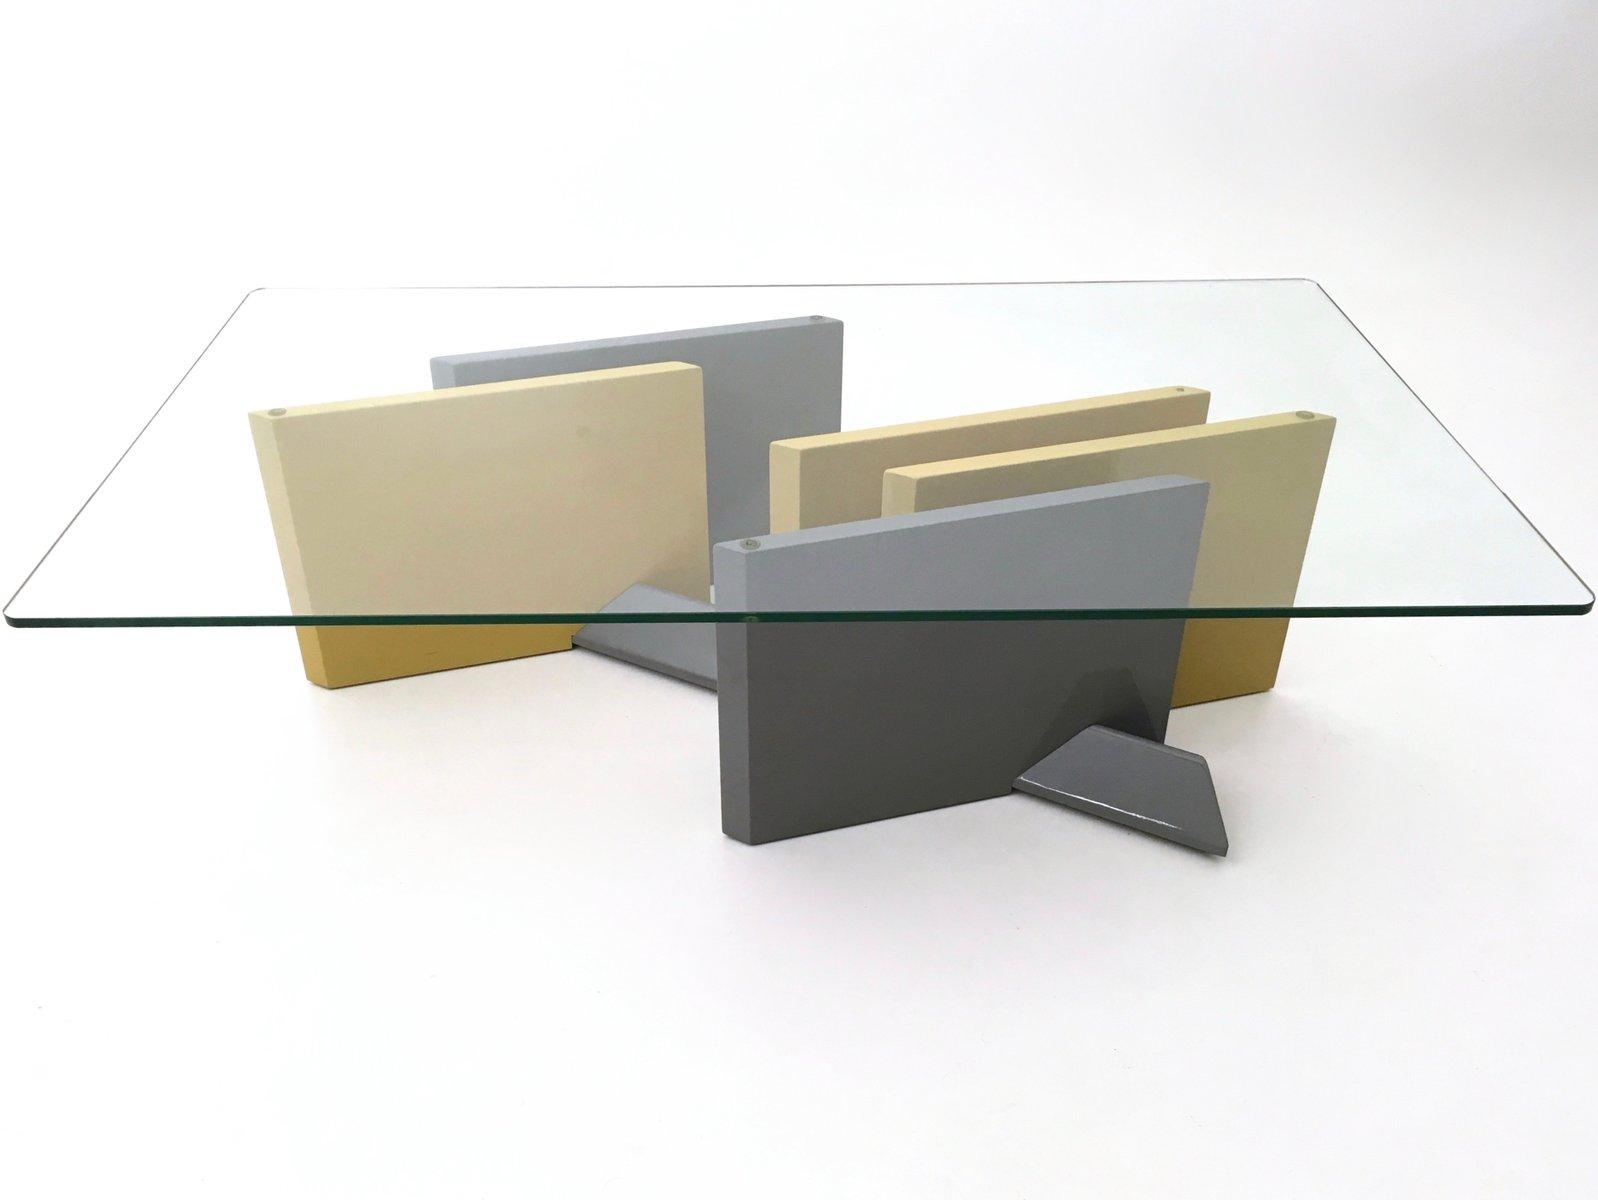 couchtisch aus lackiertem holz kristallglas 1980er bei pamono kaufen. Black Bedroom Furniture Sets. Home Design Ideas